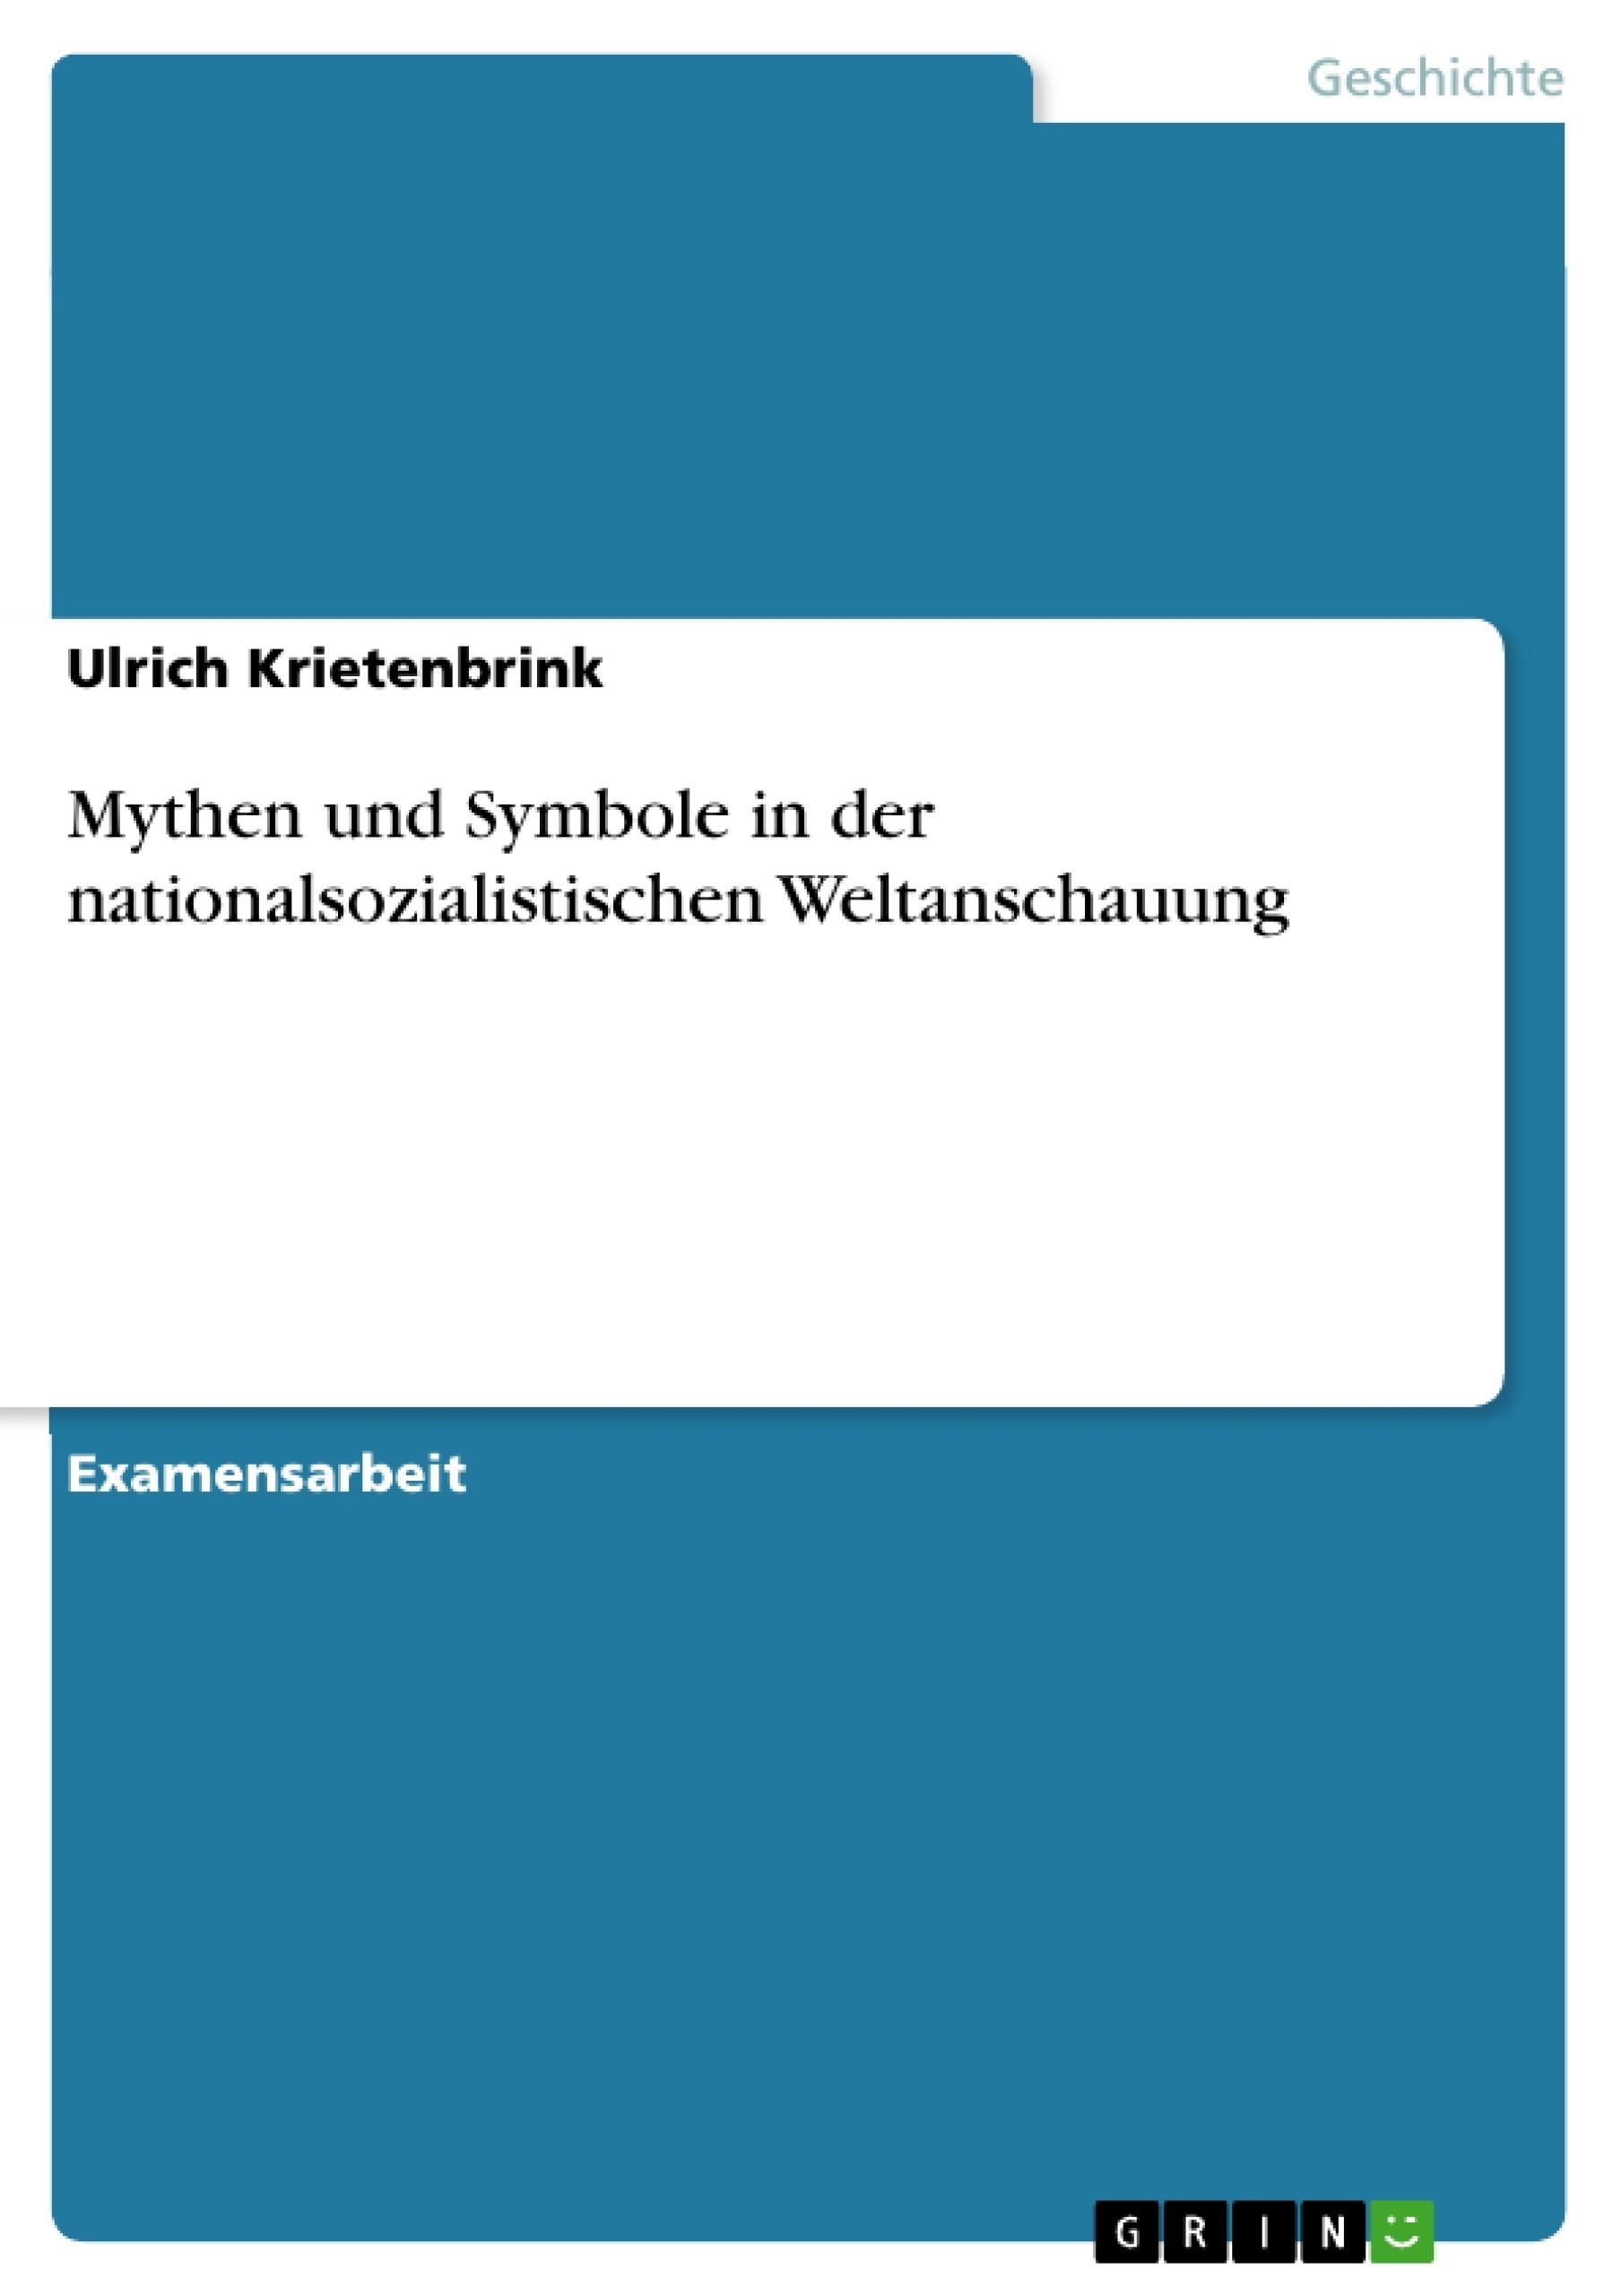 Titel: Mythen und Symbole in der nationalsozialistischen Weltanschauung